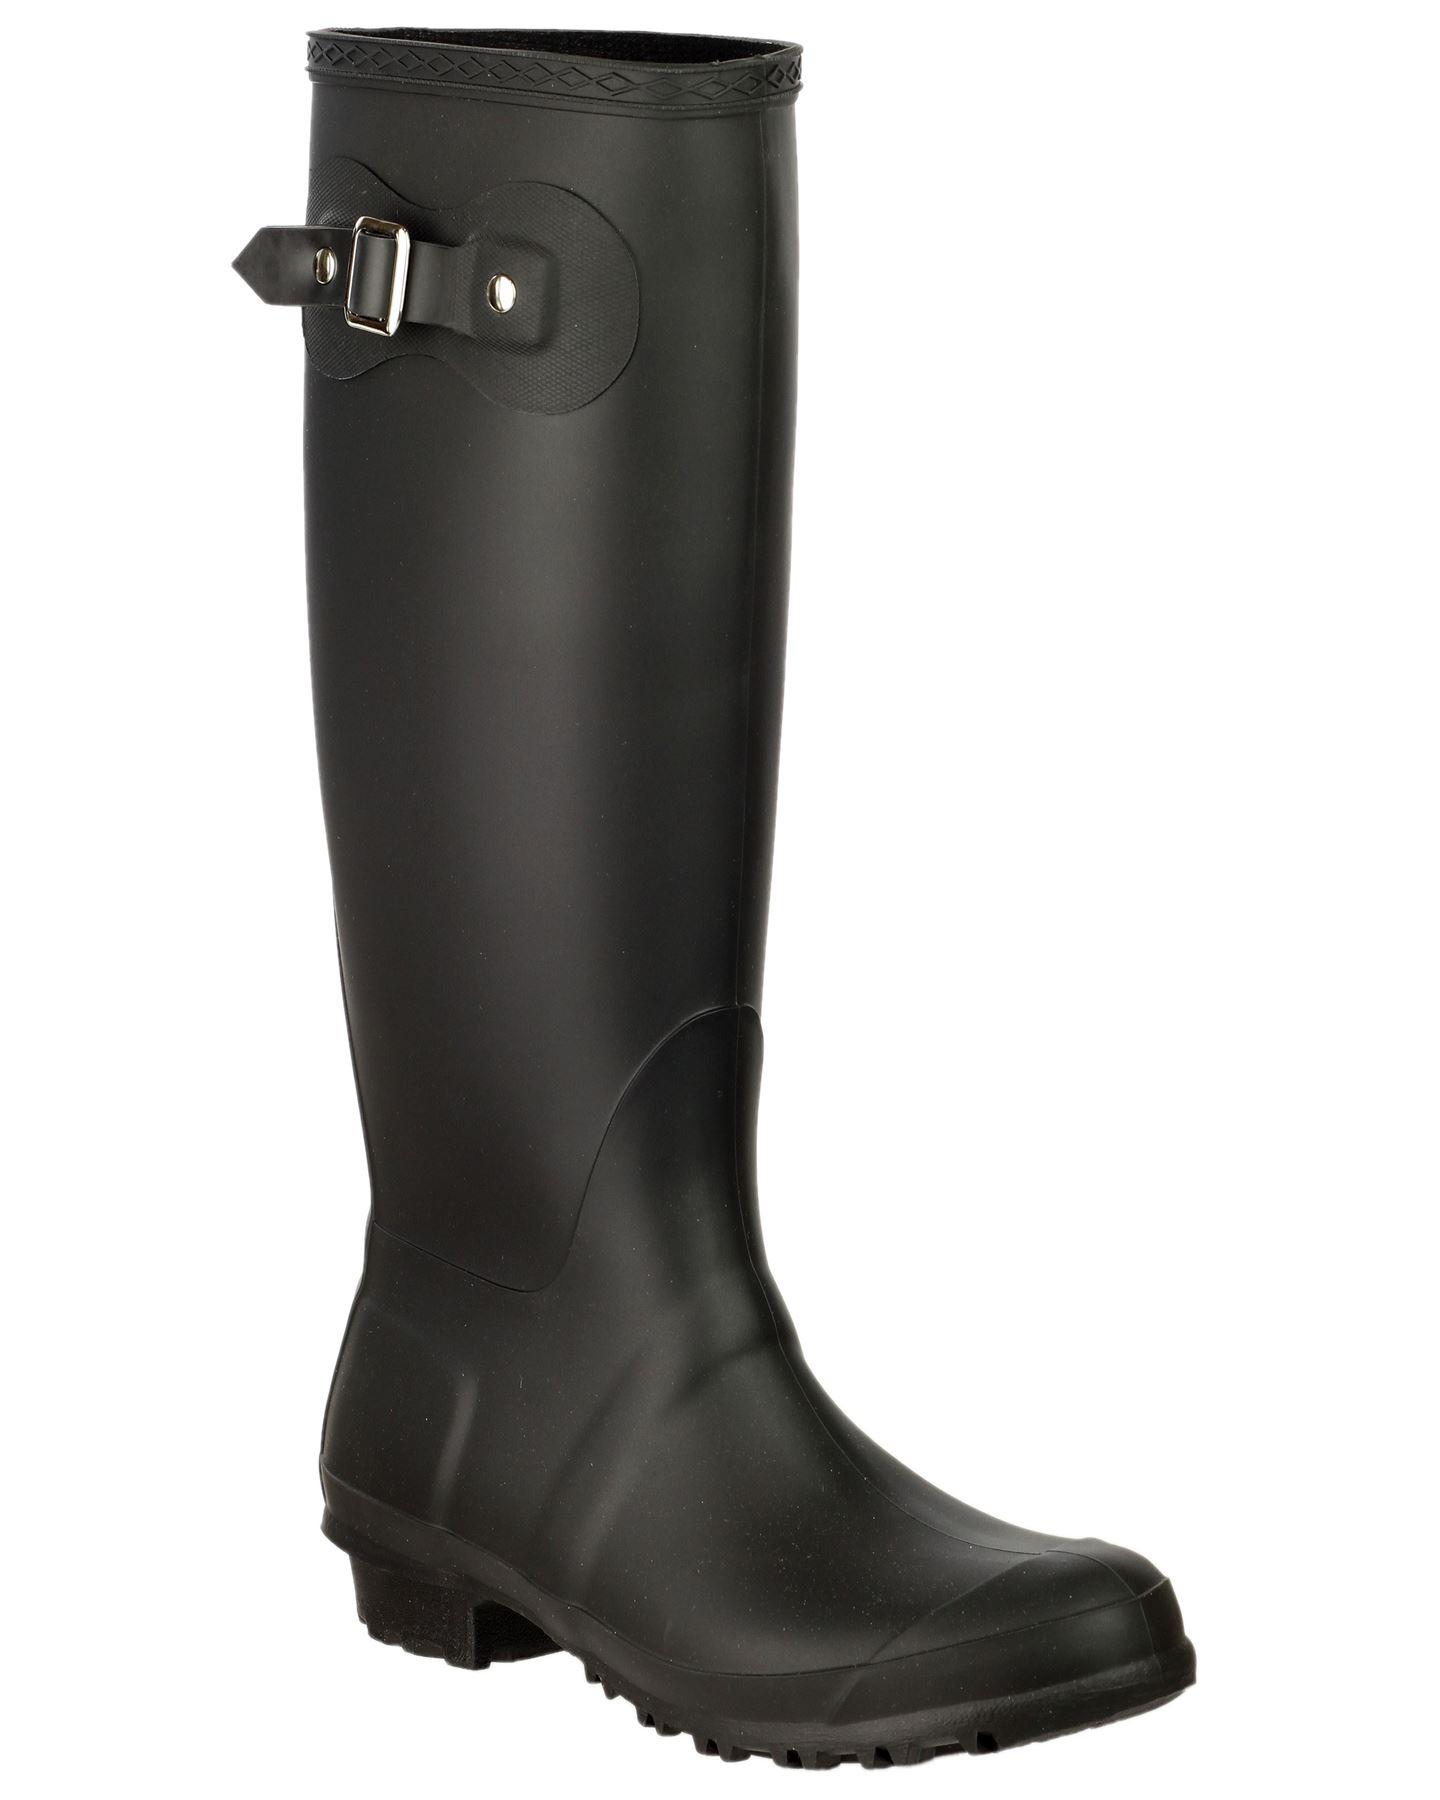 Cotswold Ladies Sandringham Buckle Up Wellingtons Boots PVC